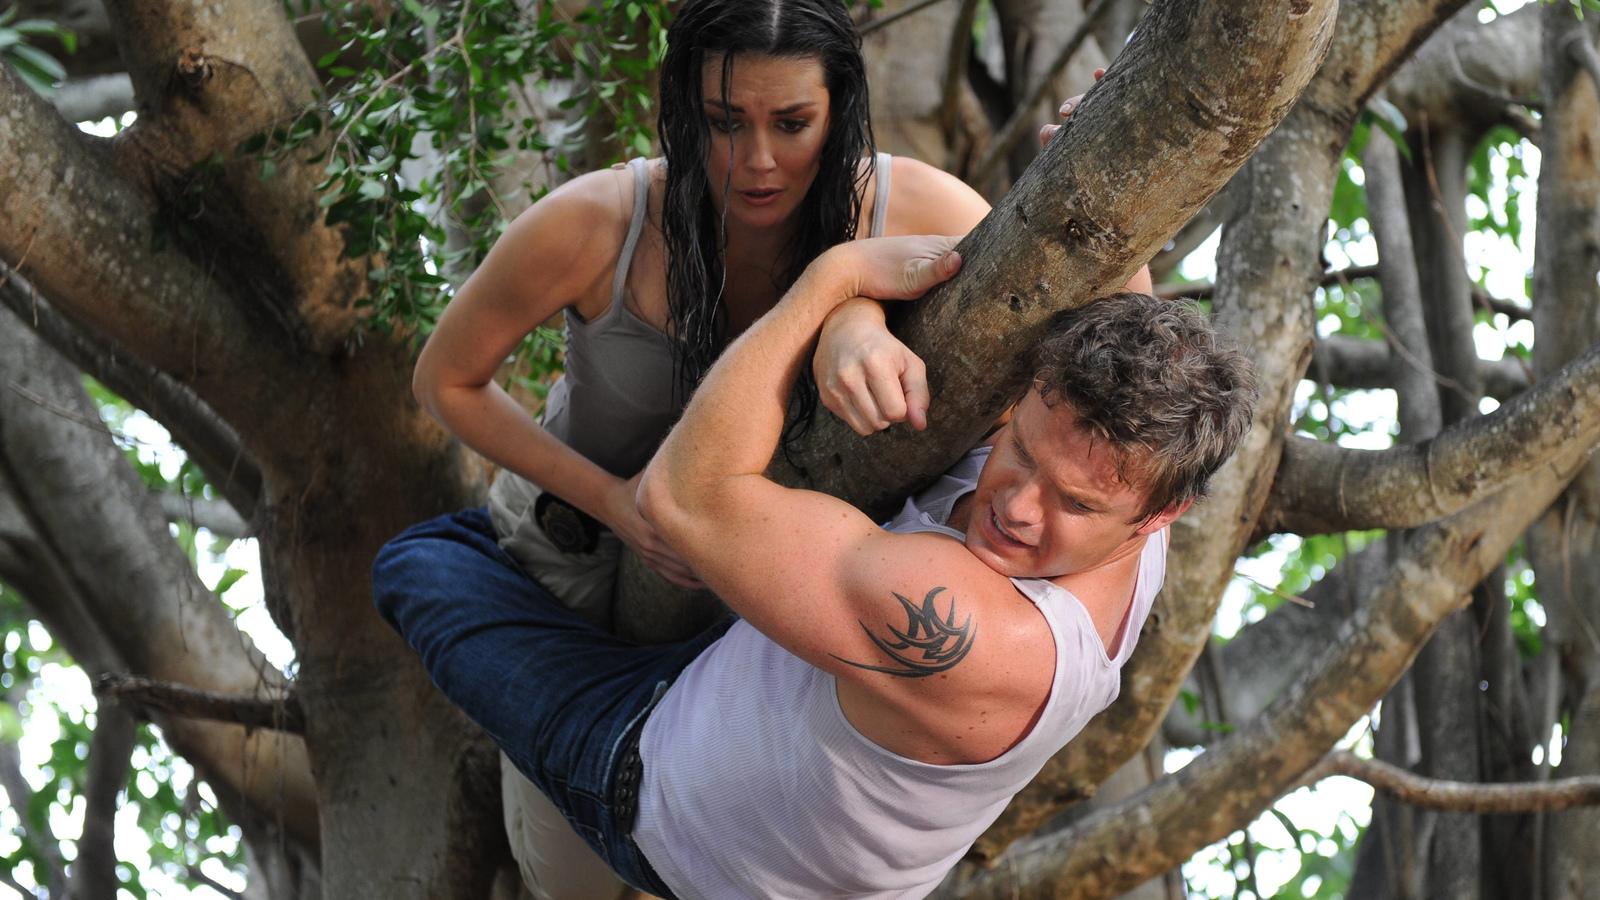 The Glades season 5